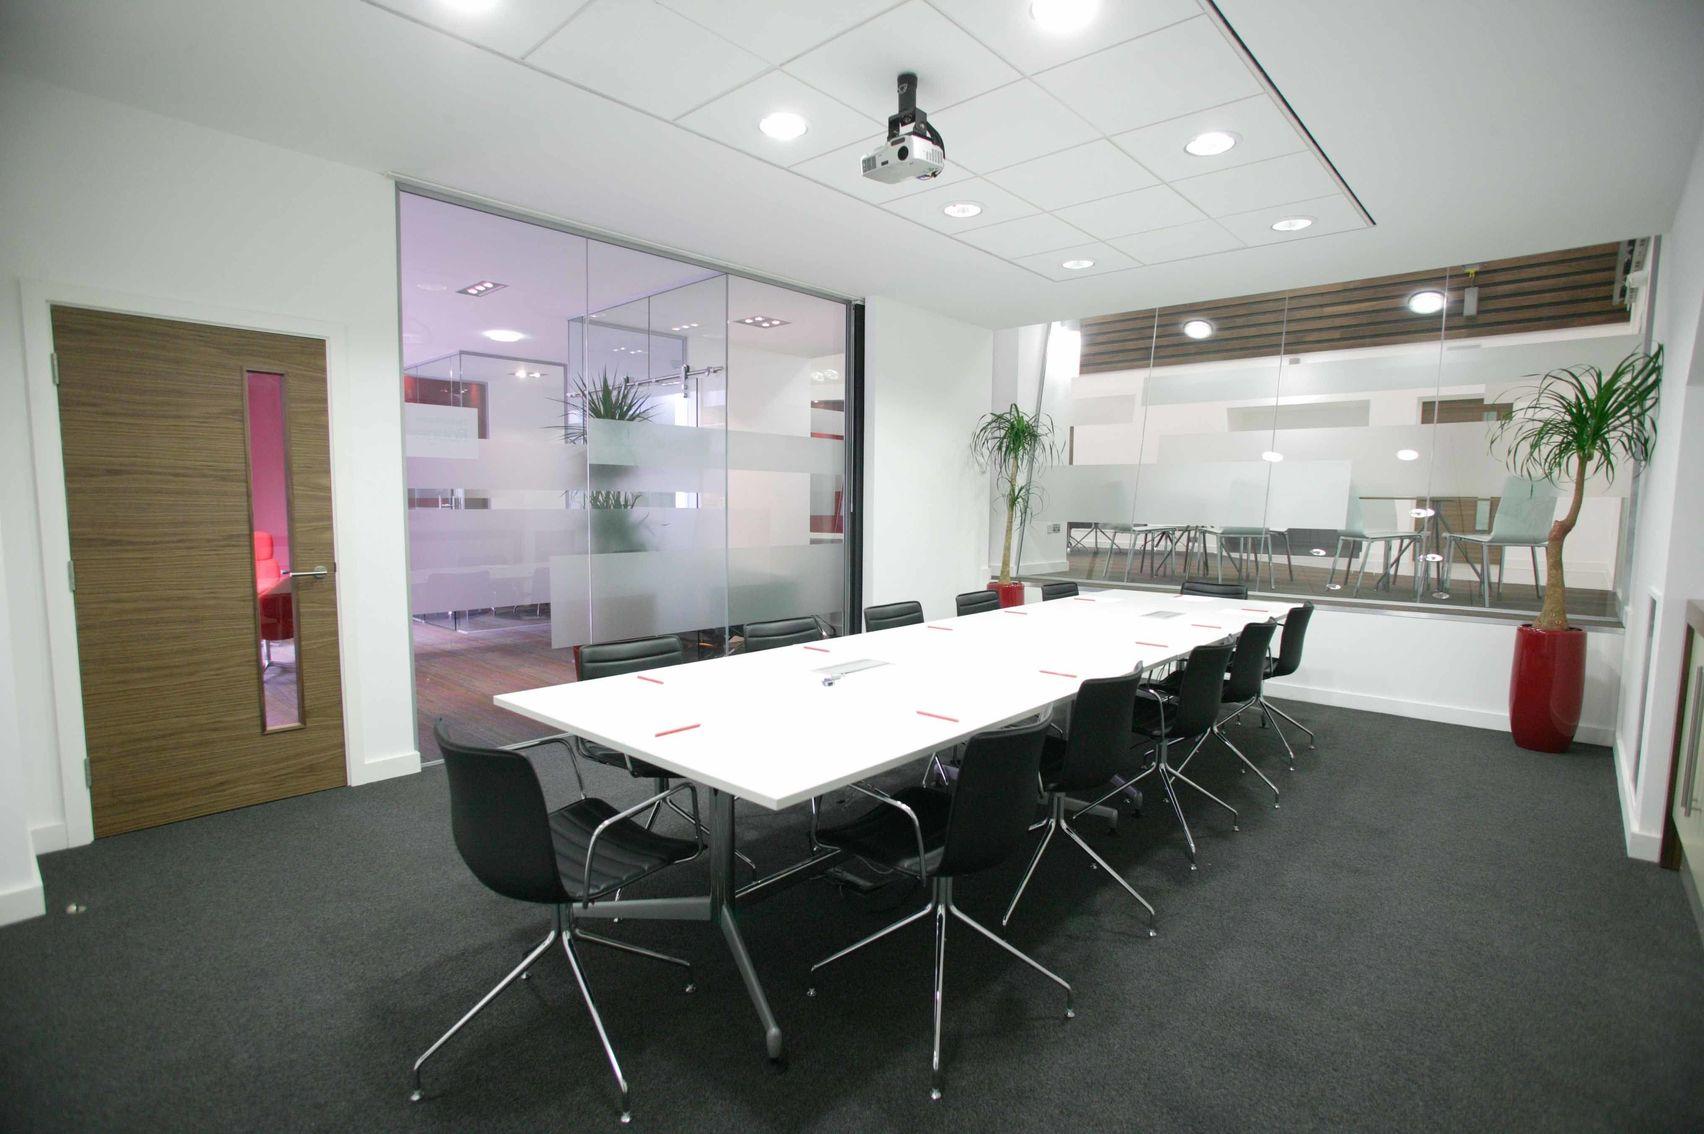 Room 1, Lowry House